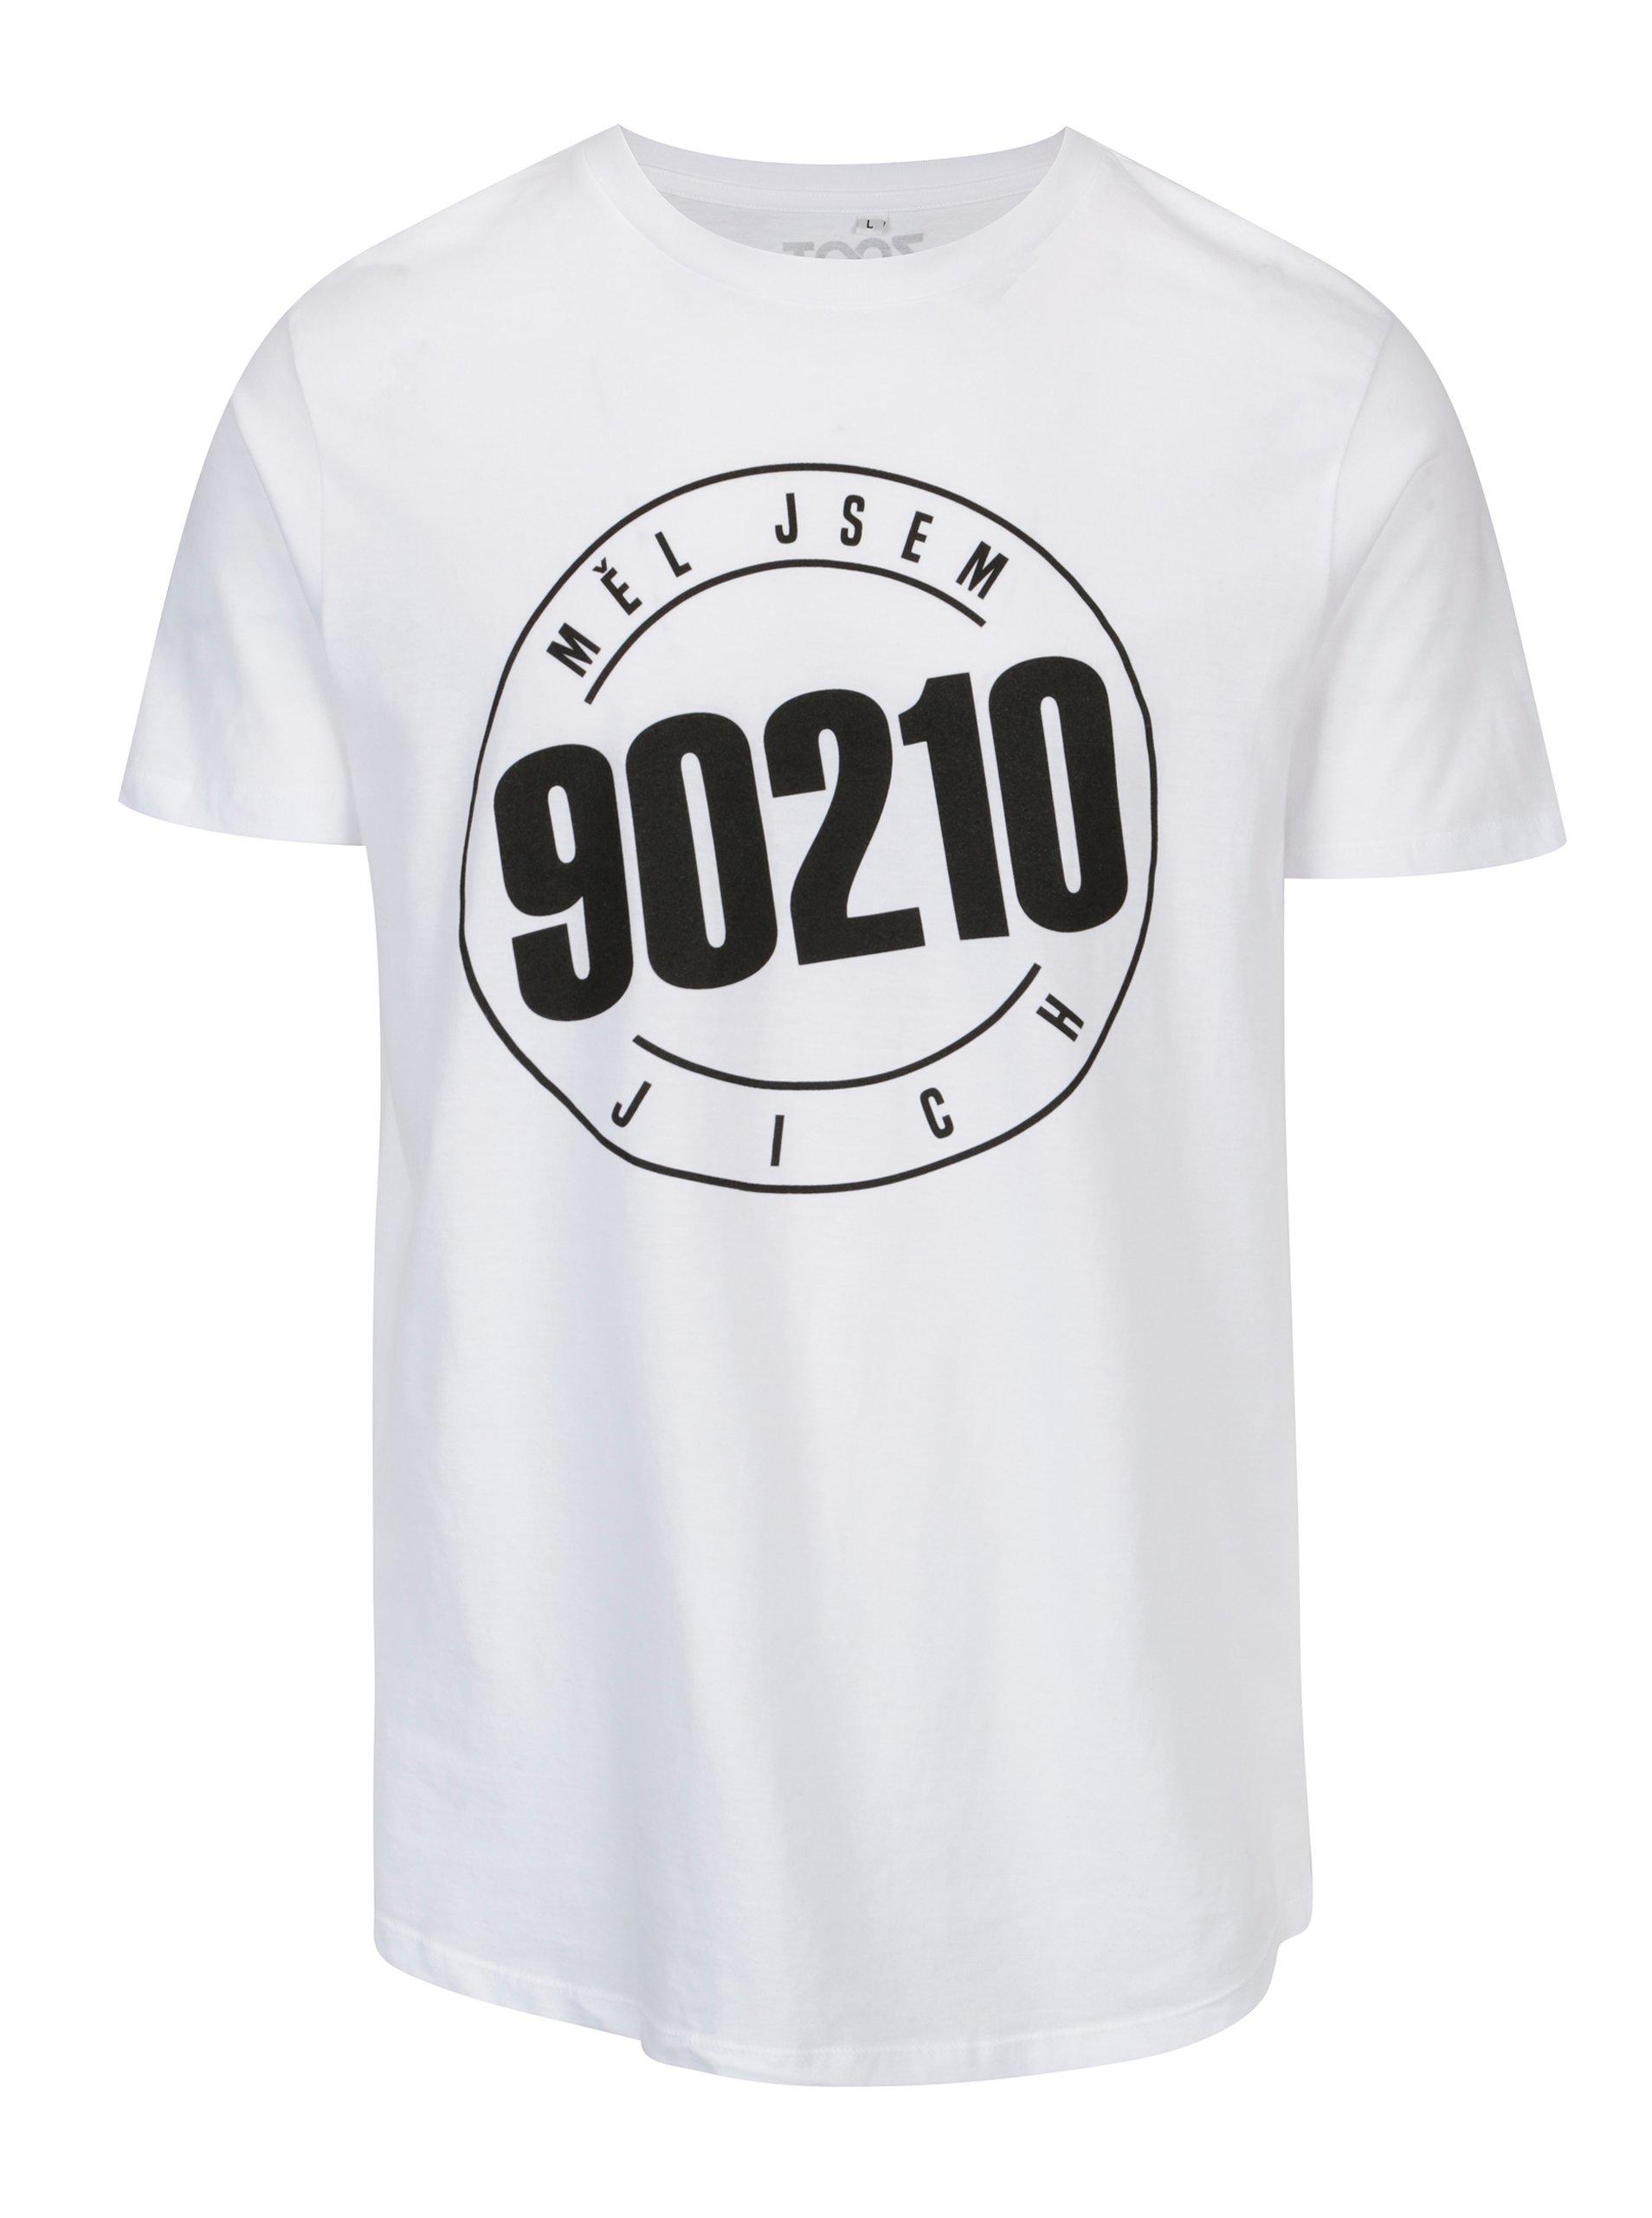 e45ef4fe617 Bílé pánské tričko s potiskem ZOOT Original 90210